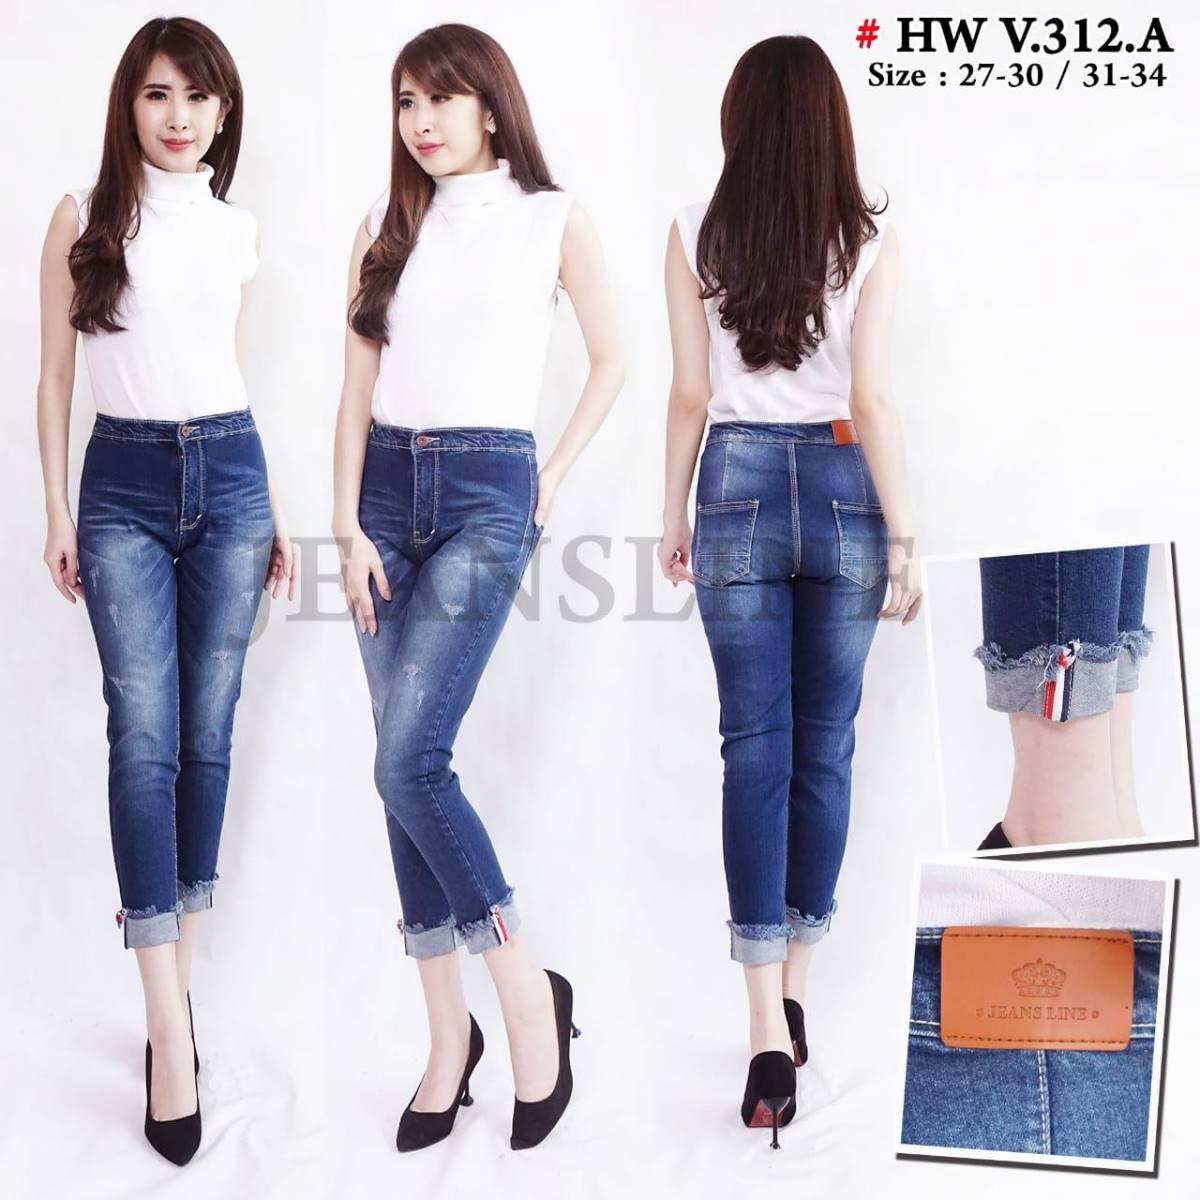 Celana Panjang Jeans Wanita (size 27, 28, 29, 30)